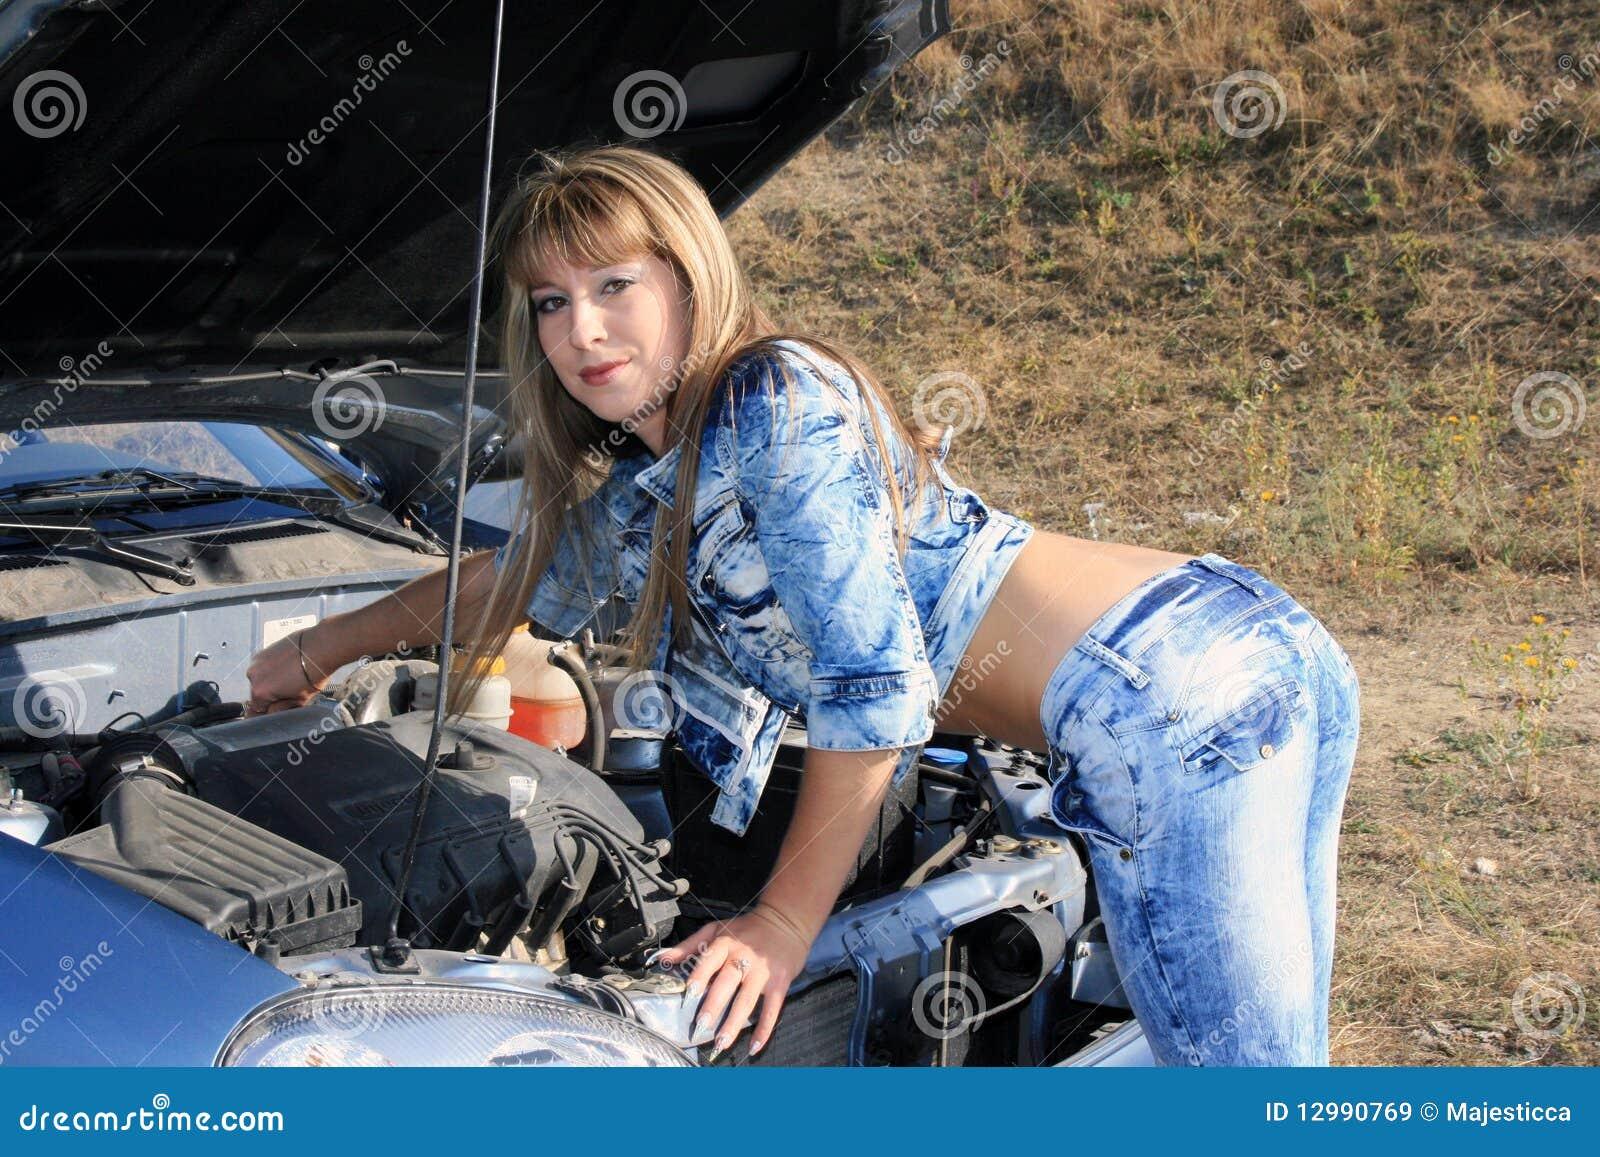 Blonde woman repairs car motor royalty free stock images for Motor vehicle repair license